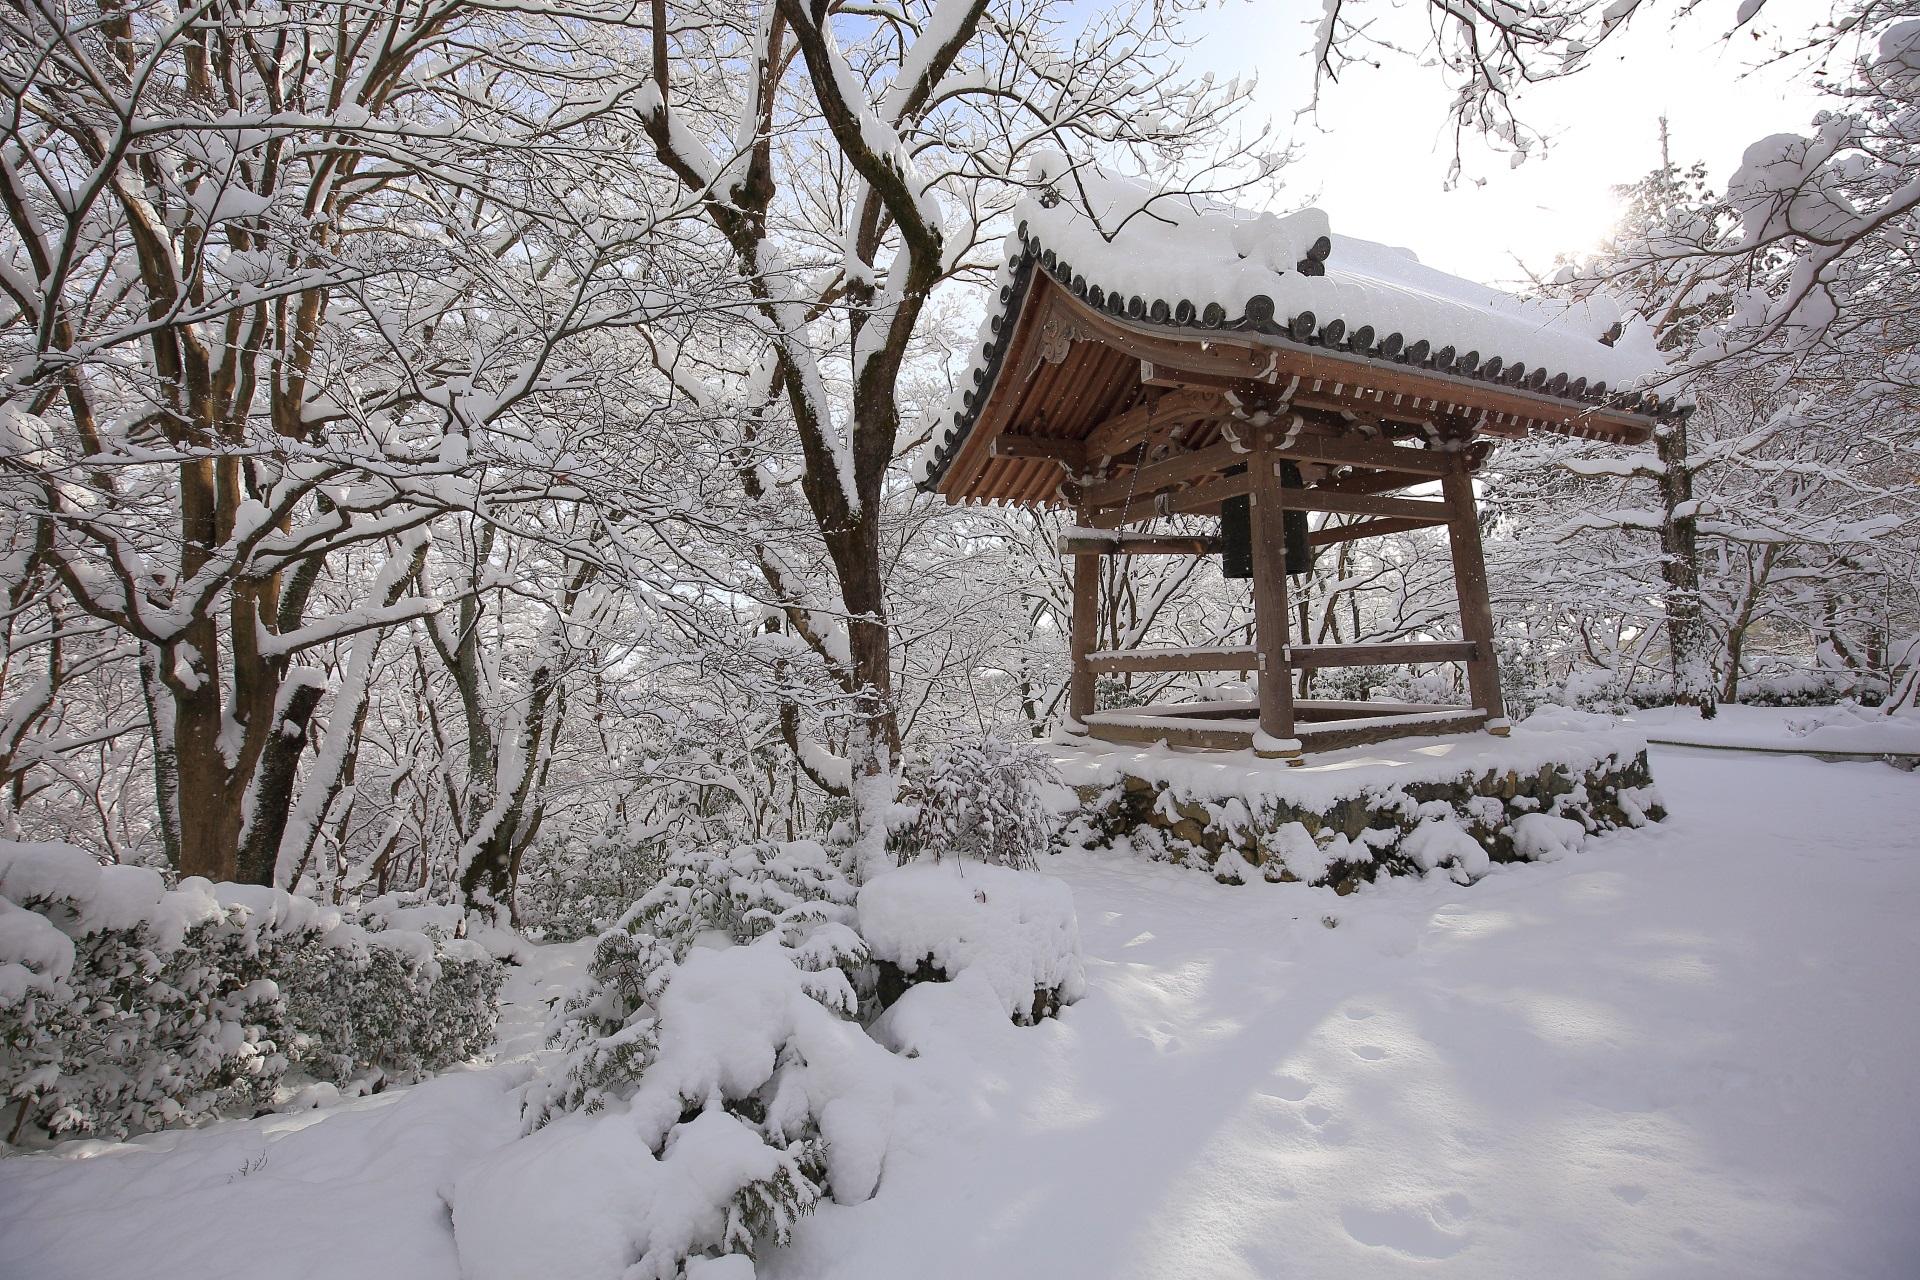 木に積もった雪が素晴らしい常寂光寺の冬景色